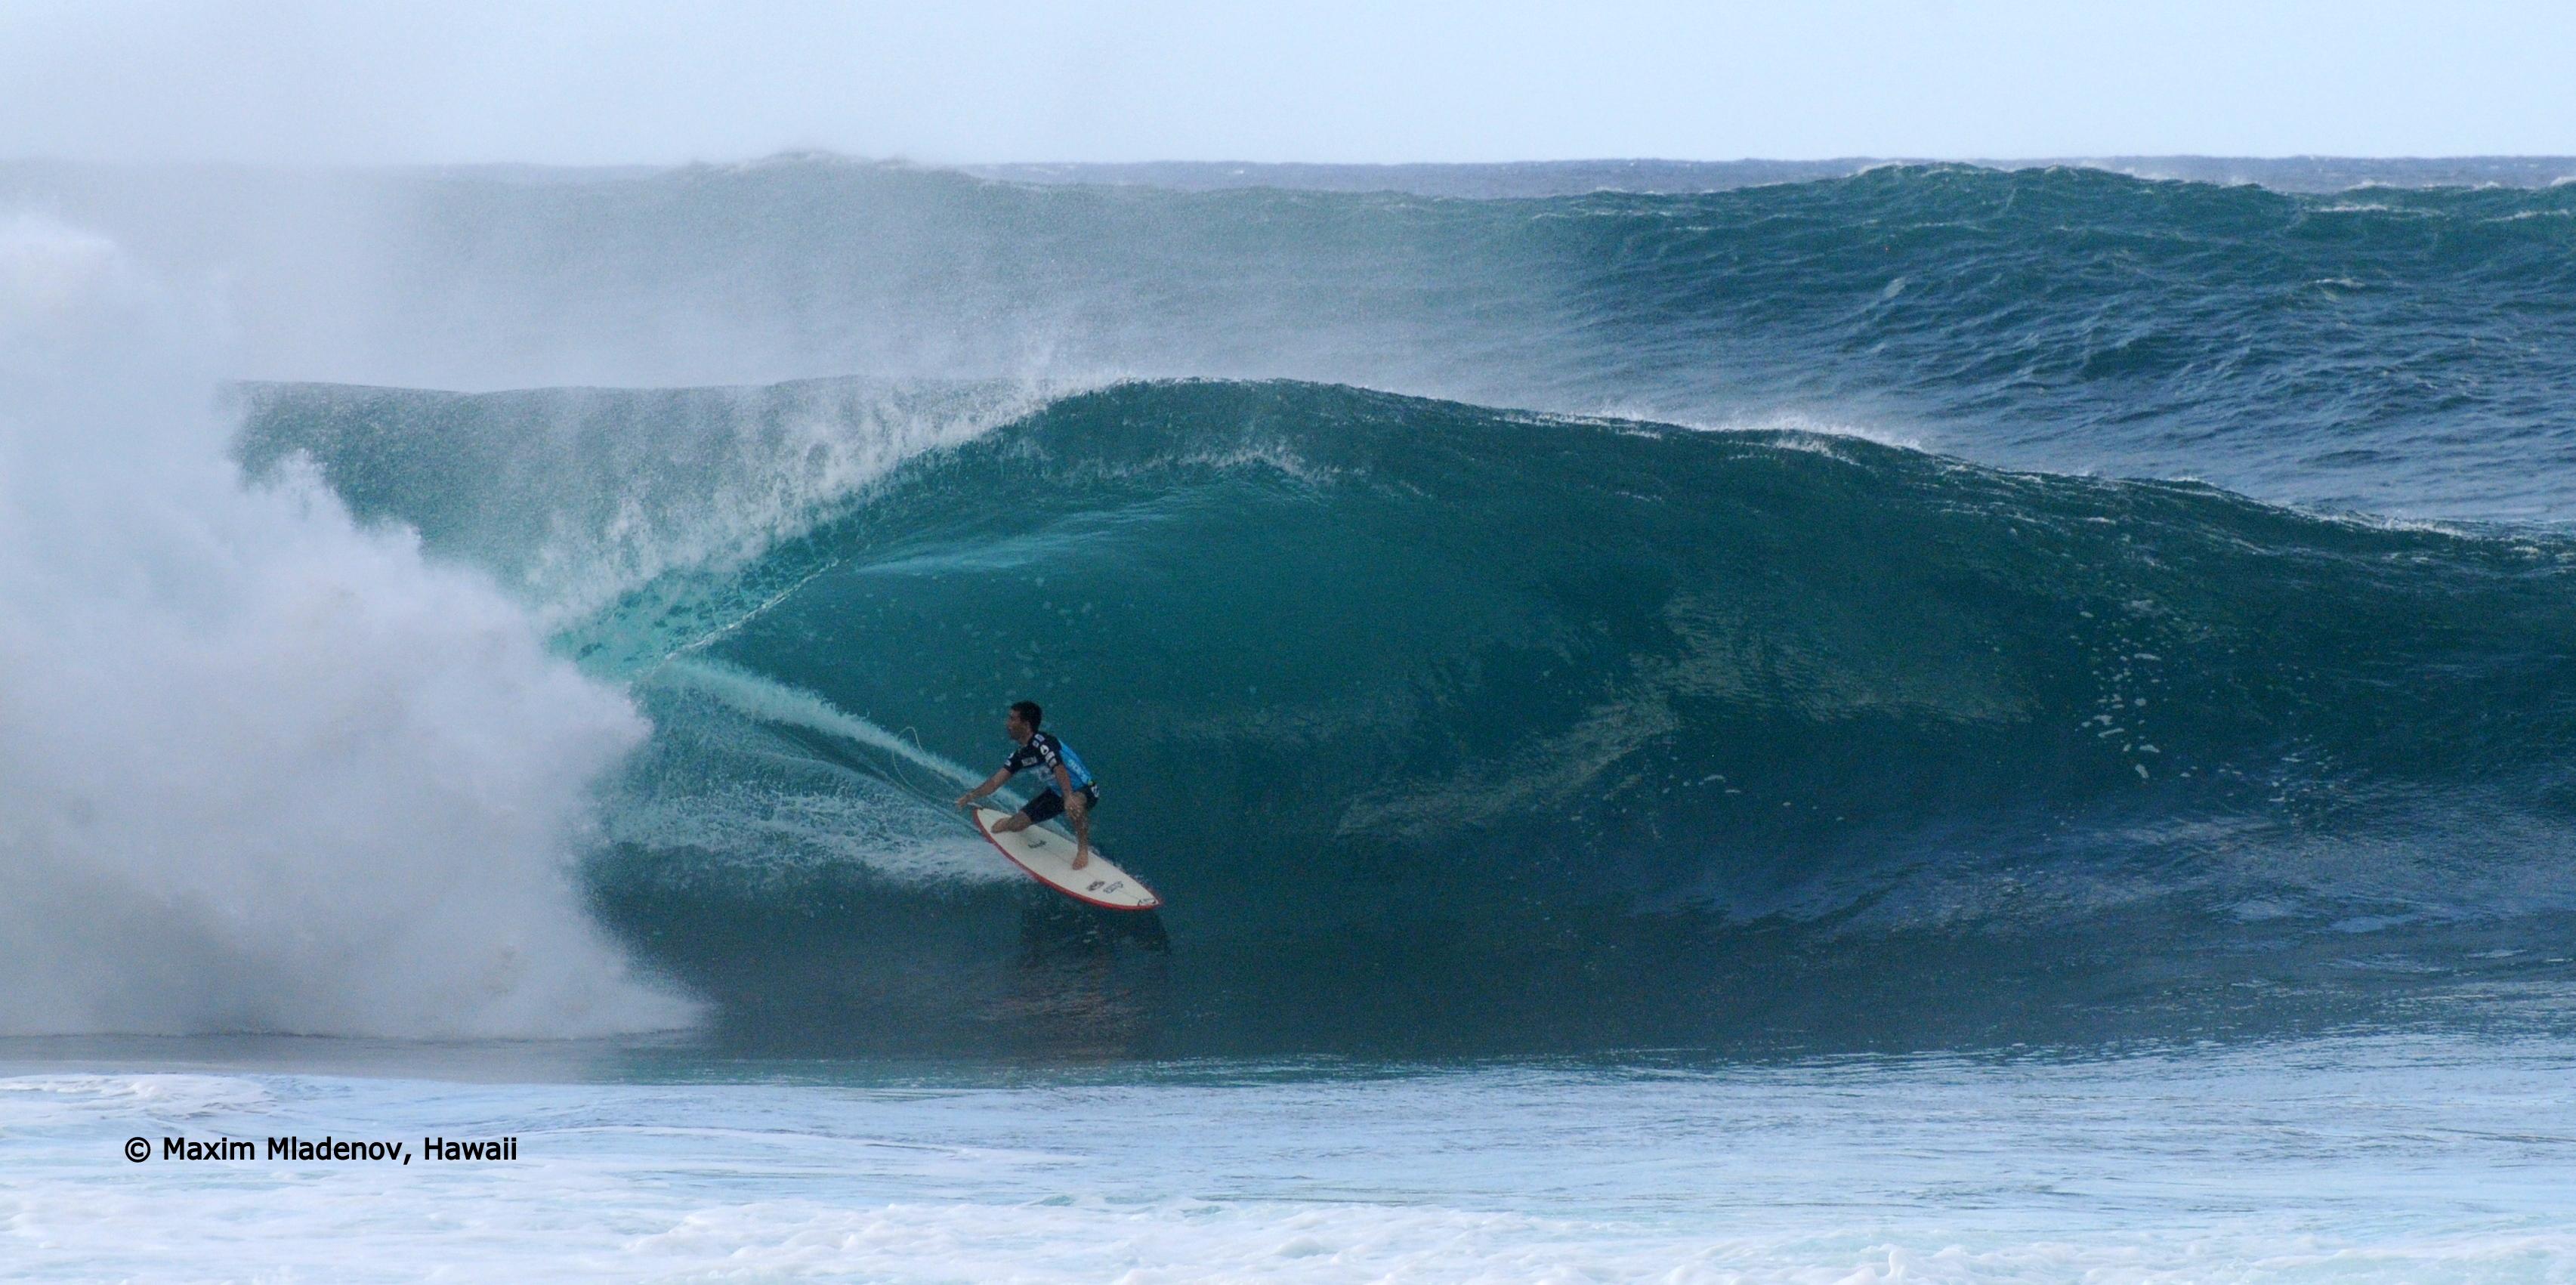 Le tout pour le tout -sequ04 - 1er Tour 08-12-2011 Billabong PIPE Masters © Maxim Mladenov, Hawaii